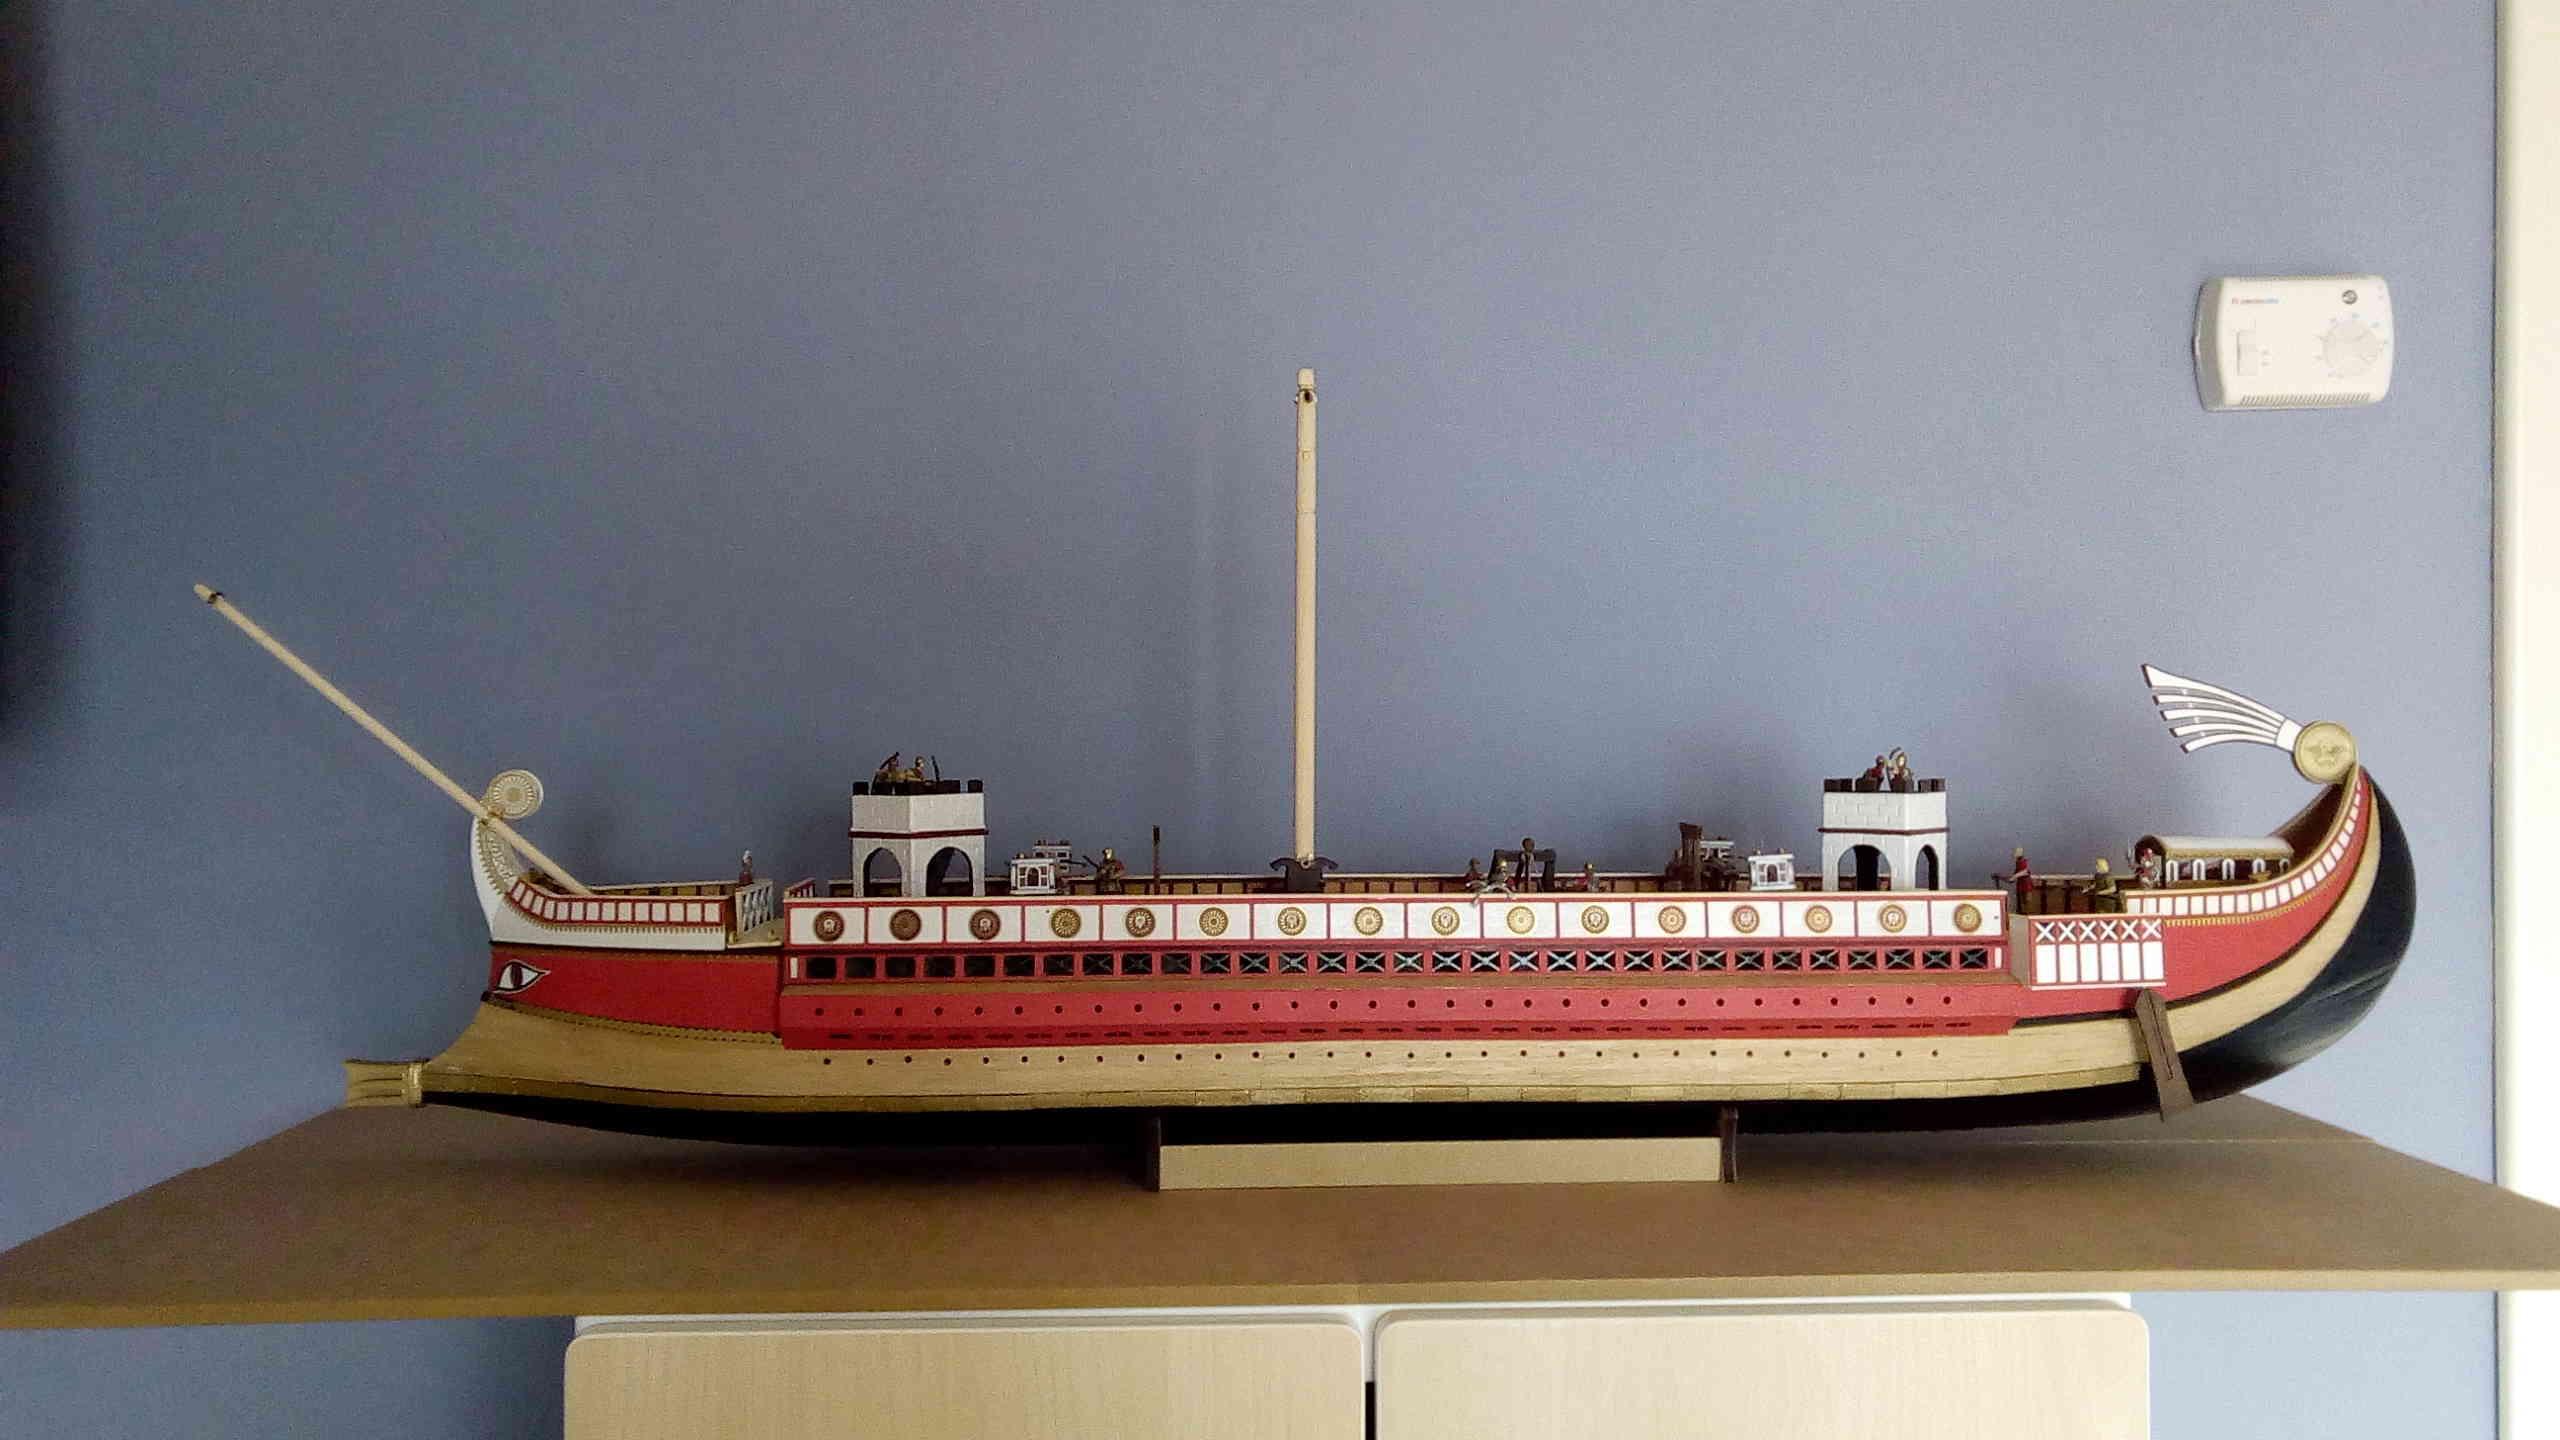 nave - Costruiamo la Nave Romana Quinquereme ? - Pagina 6 Img_2038